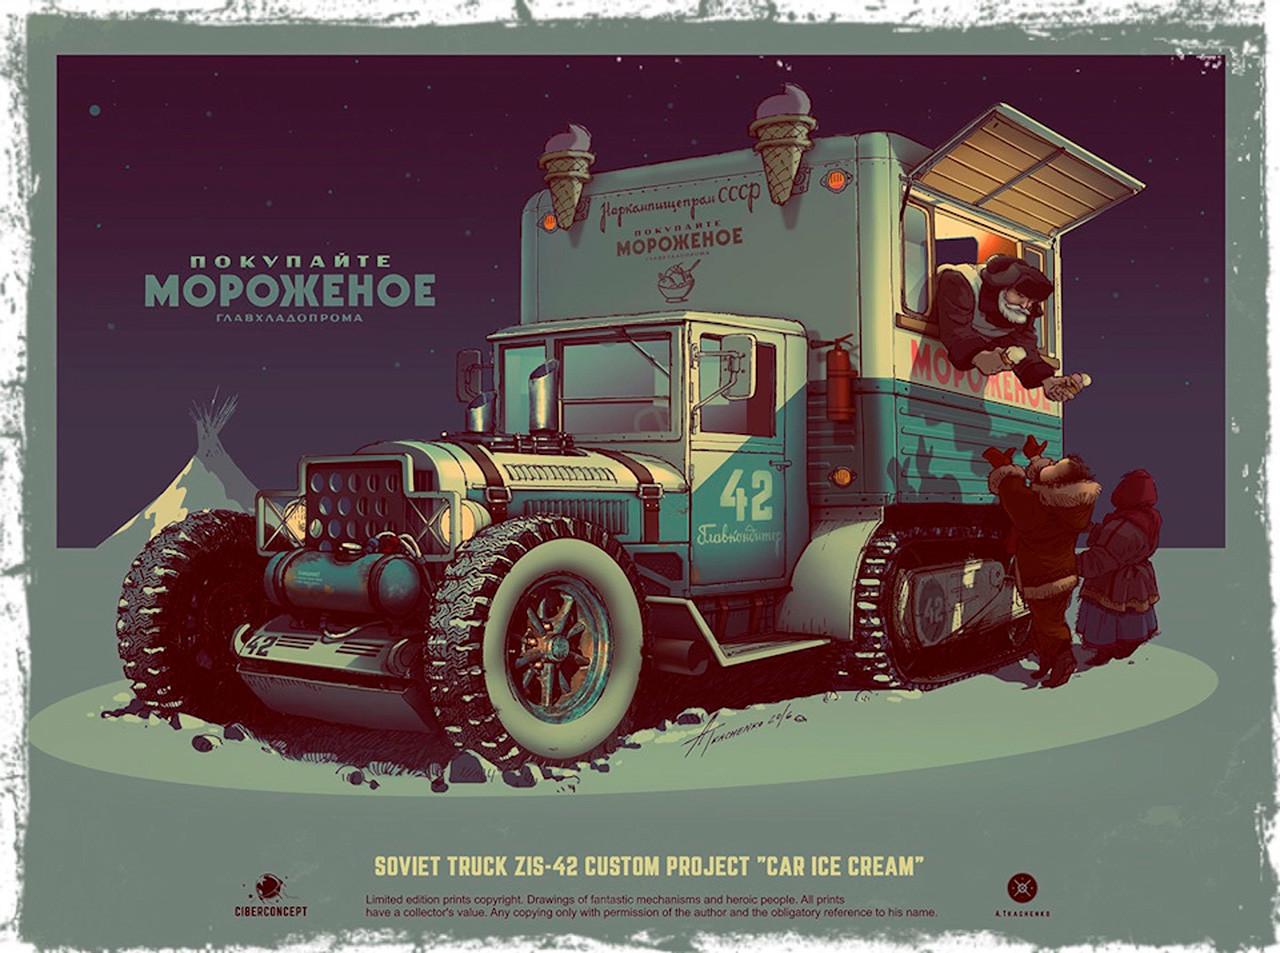 Sijajno! Tovornjak za prodajo sladoleda, ki ima poleg koles tudi gosenice. Ilustracija je nastala na osnovi modela ZIS-42. Brez dvoma lahko tale tovornjak dostavi sladoled tudi otrokom v najbolj oddaljenih krajih!